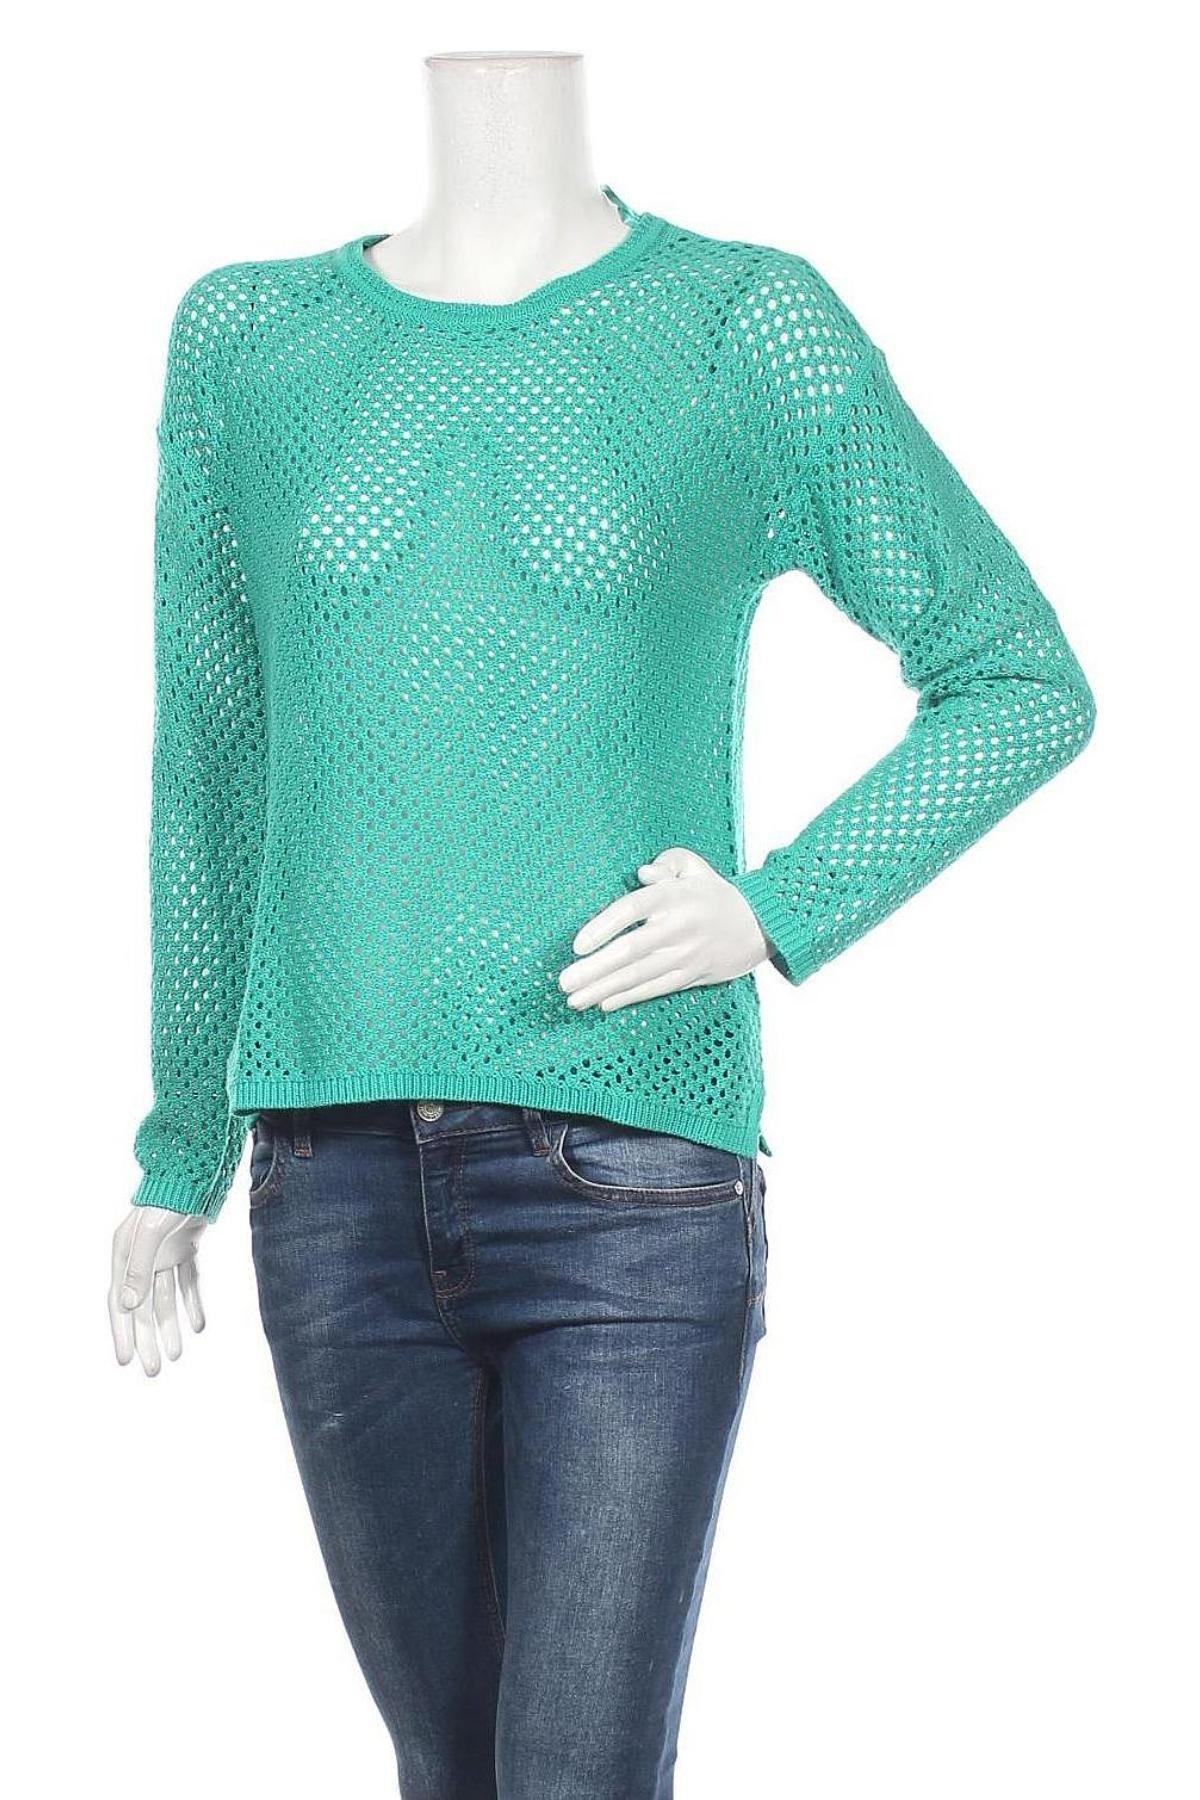 Дамски пуловер Montego, Размер M, Цвят Зелен, 55% полиакрил, 45% памук, Цена 14,00лв.